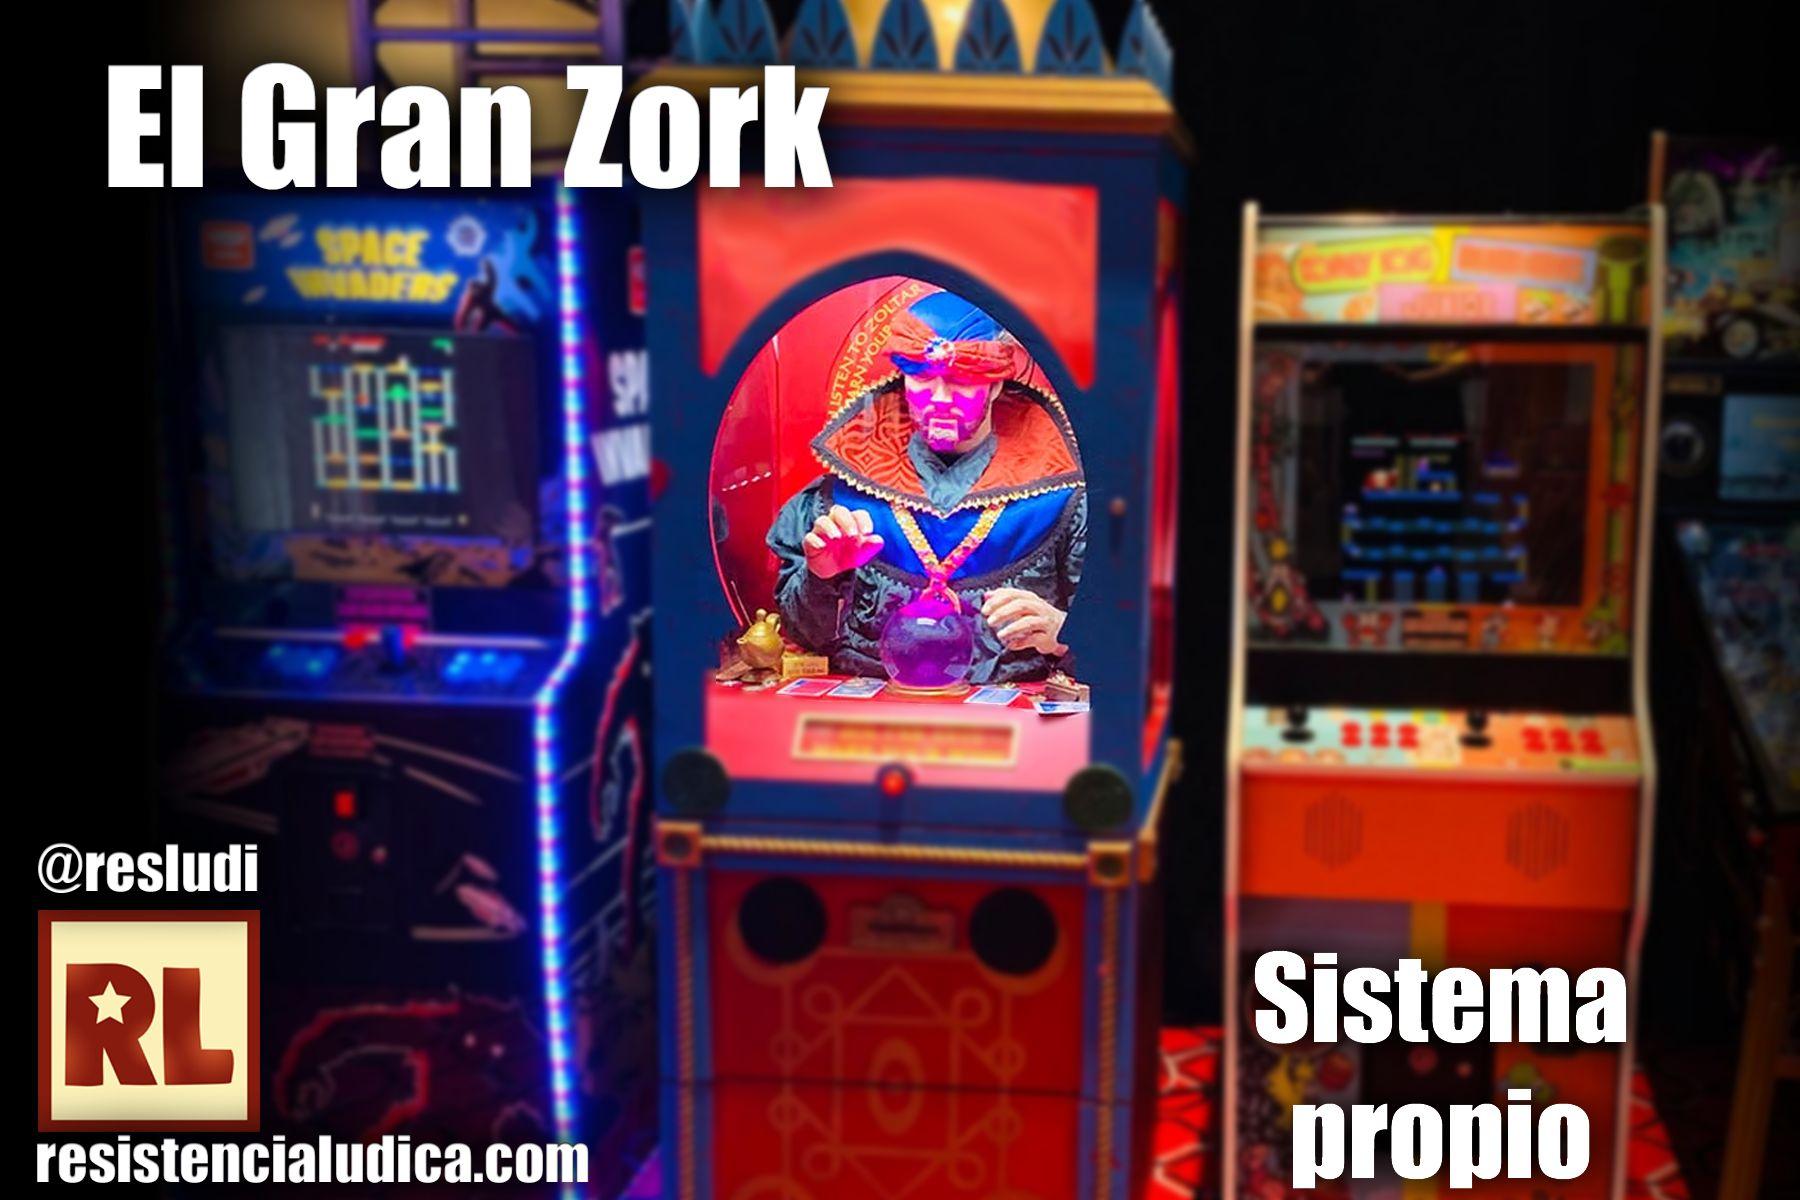 El Gran Zork (Sistema propio)